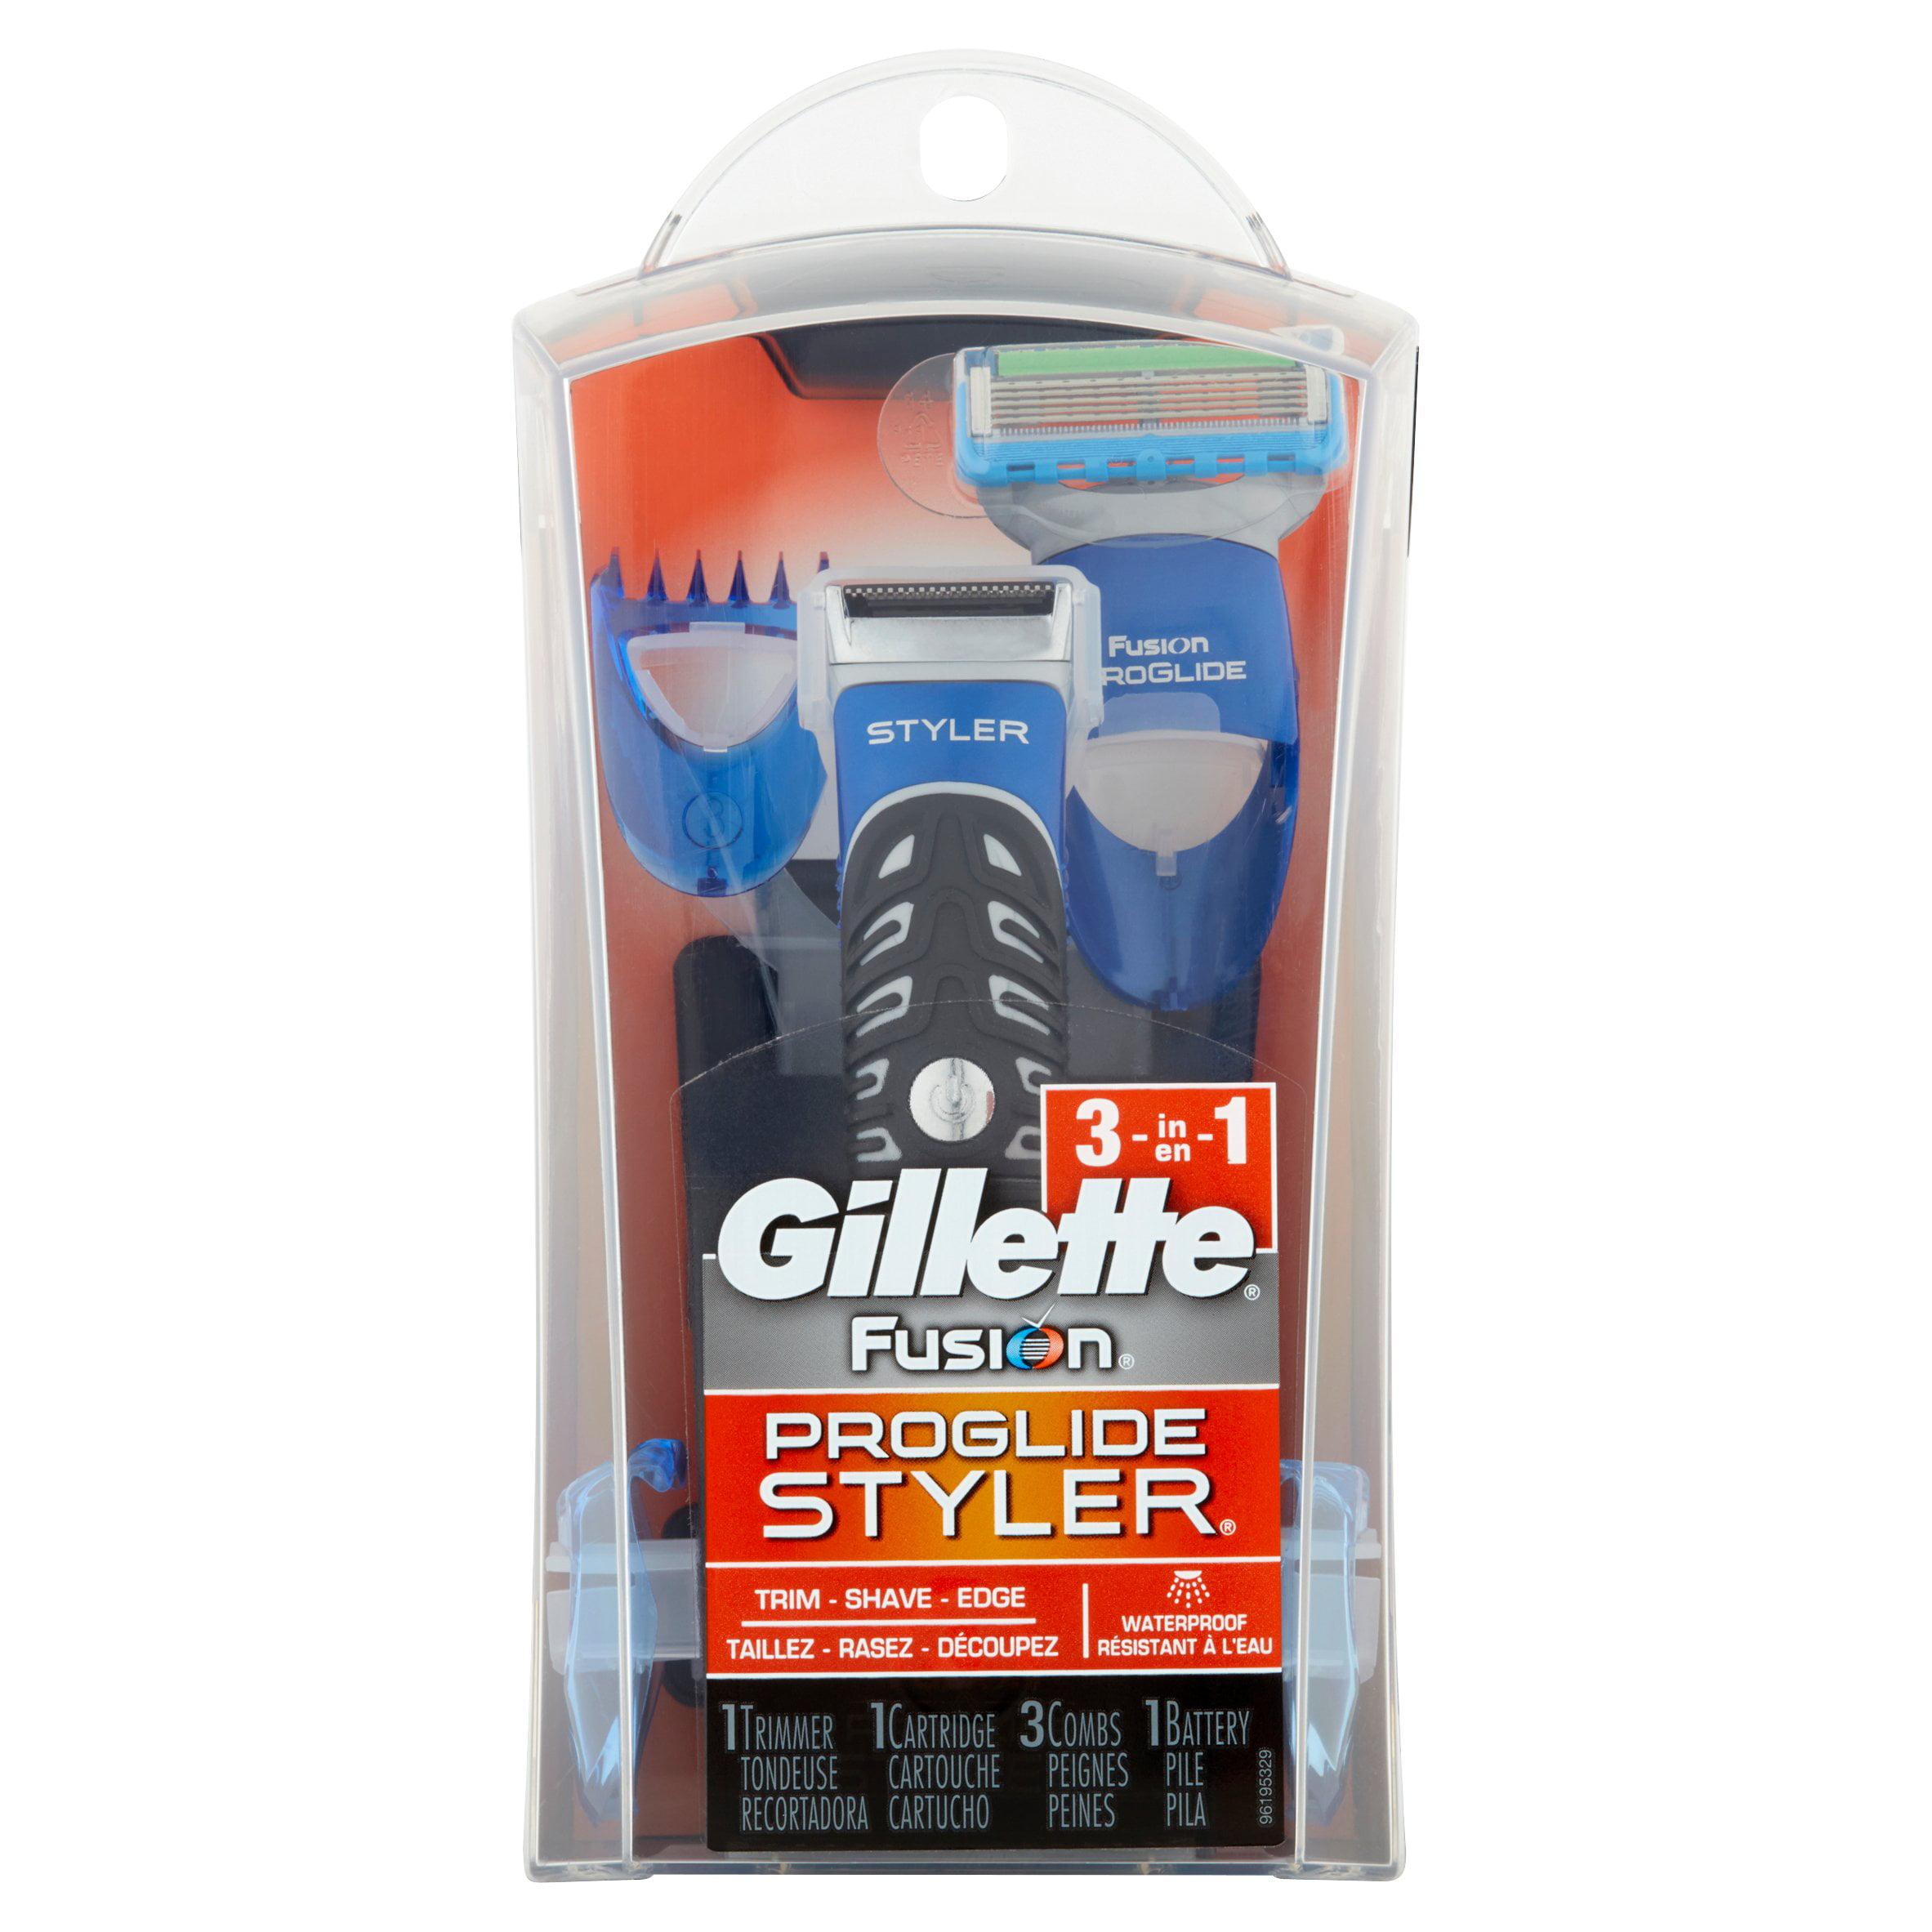 Gillette Fusion5 ProGlide 3-in-1 Styler